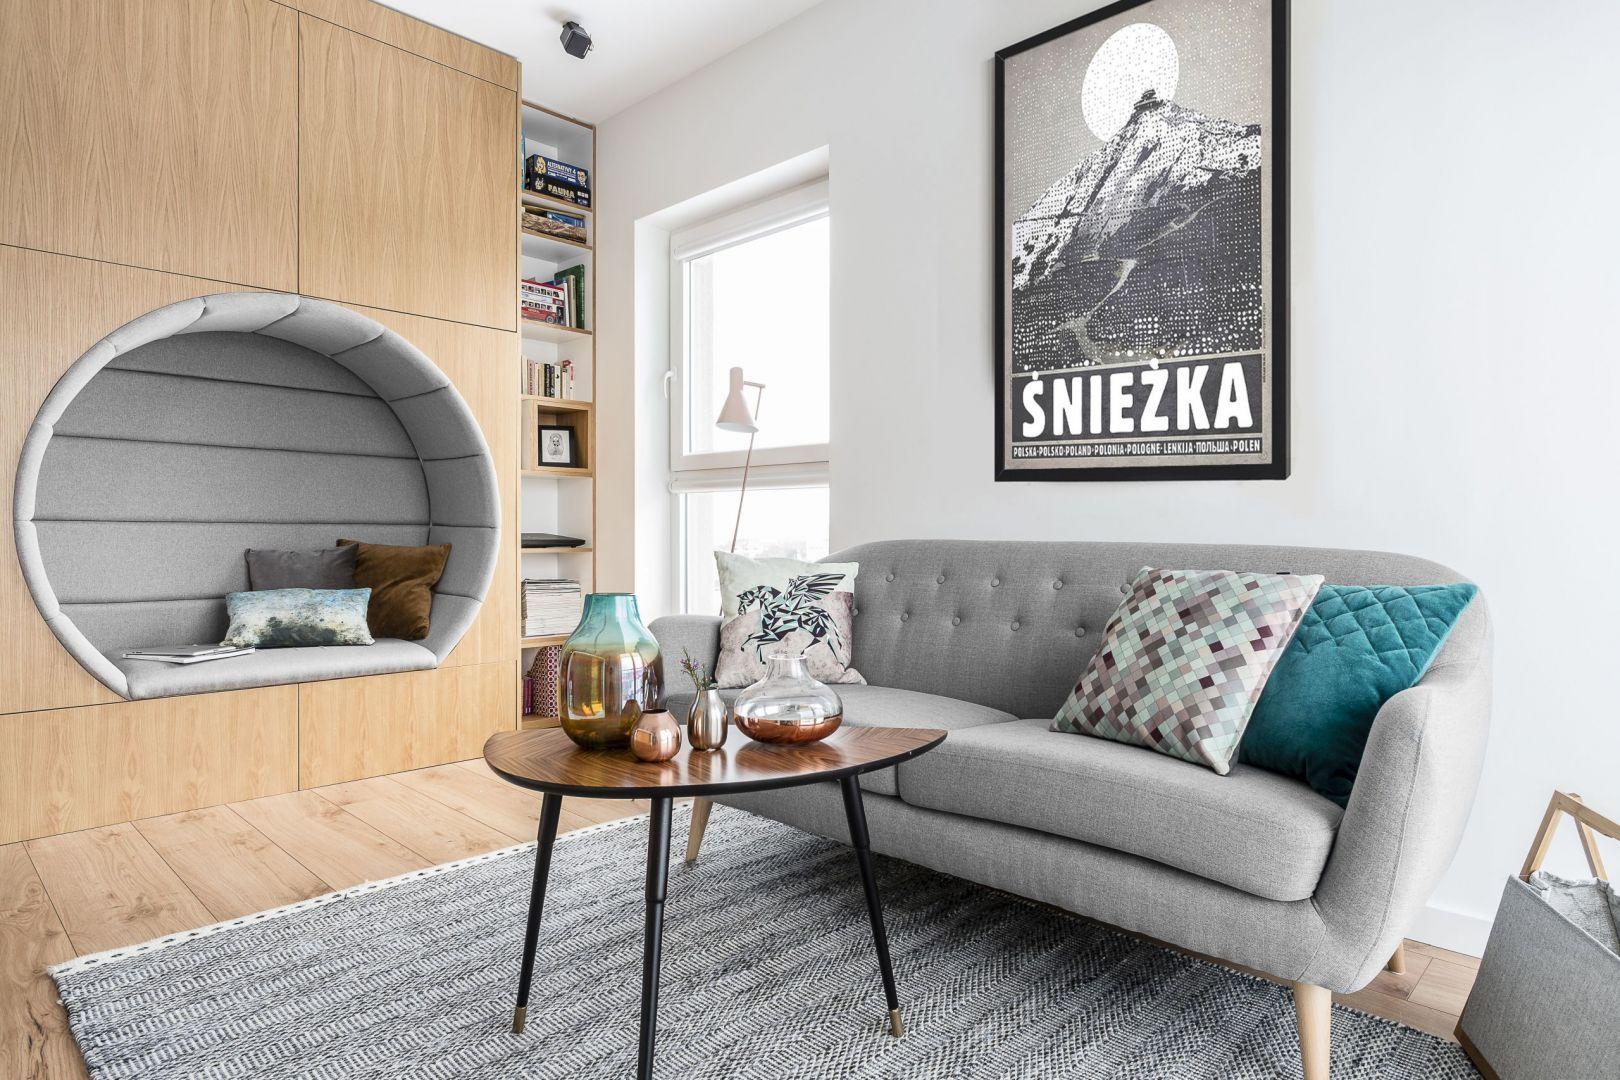 Jasne kolory i drewno sprawiają, że mały salon jest bardzo przytulny. Projekt: Magdalena Bielicka, Maria Zrzelska-Pawlak. Fot. FotoMohito